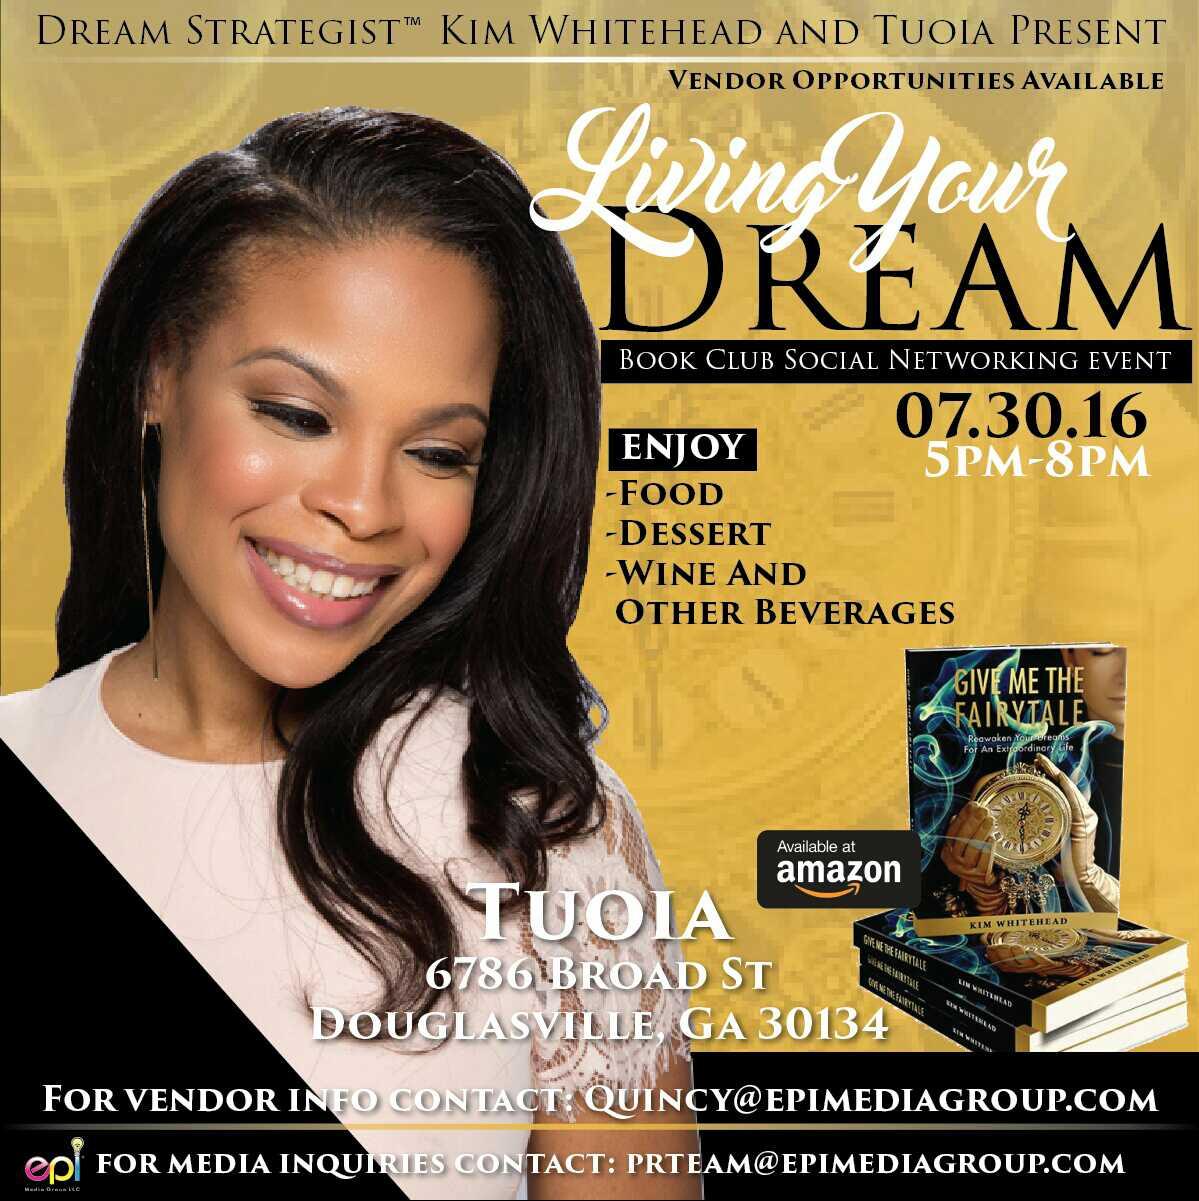 Living Your Dream Book Club Social - Touia